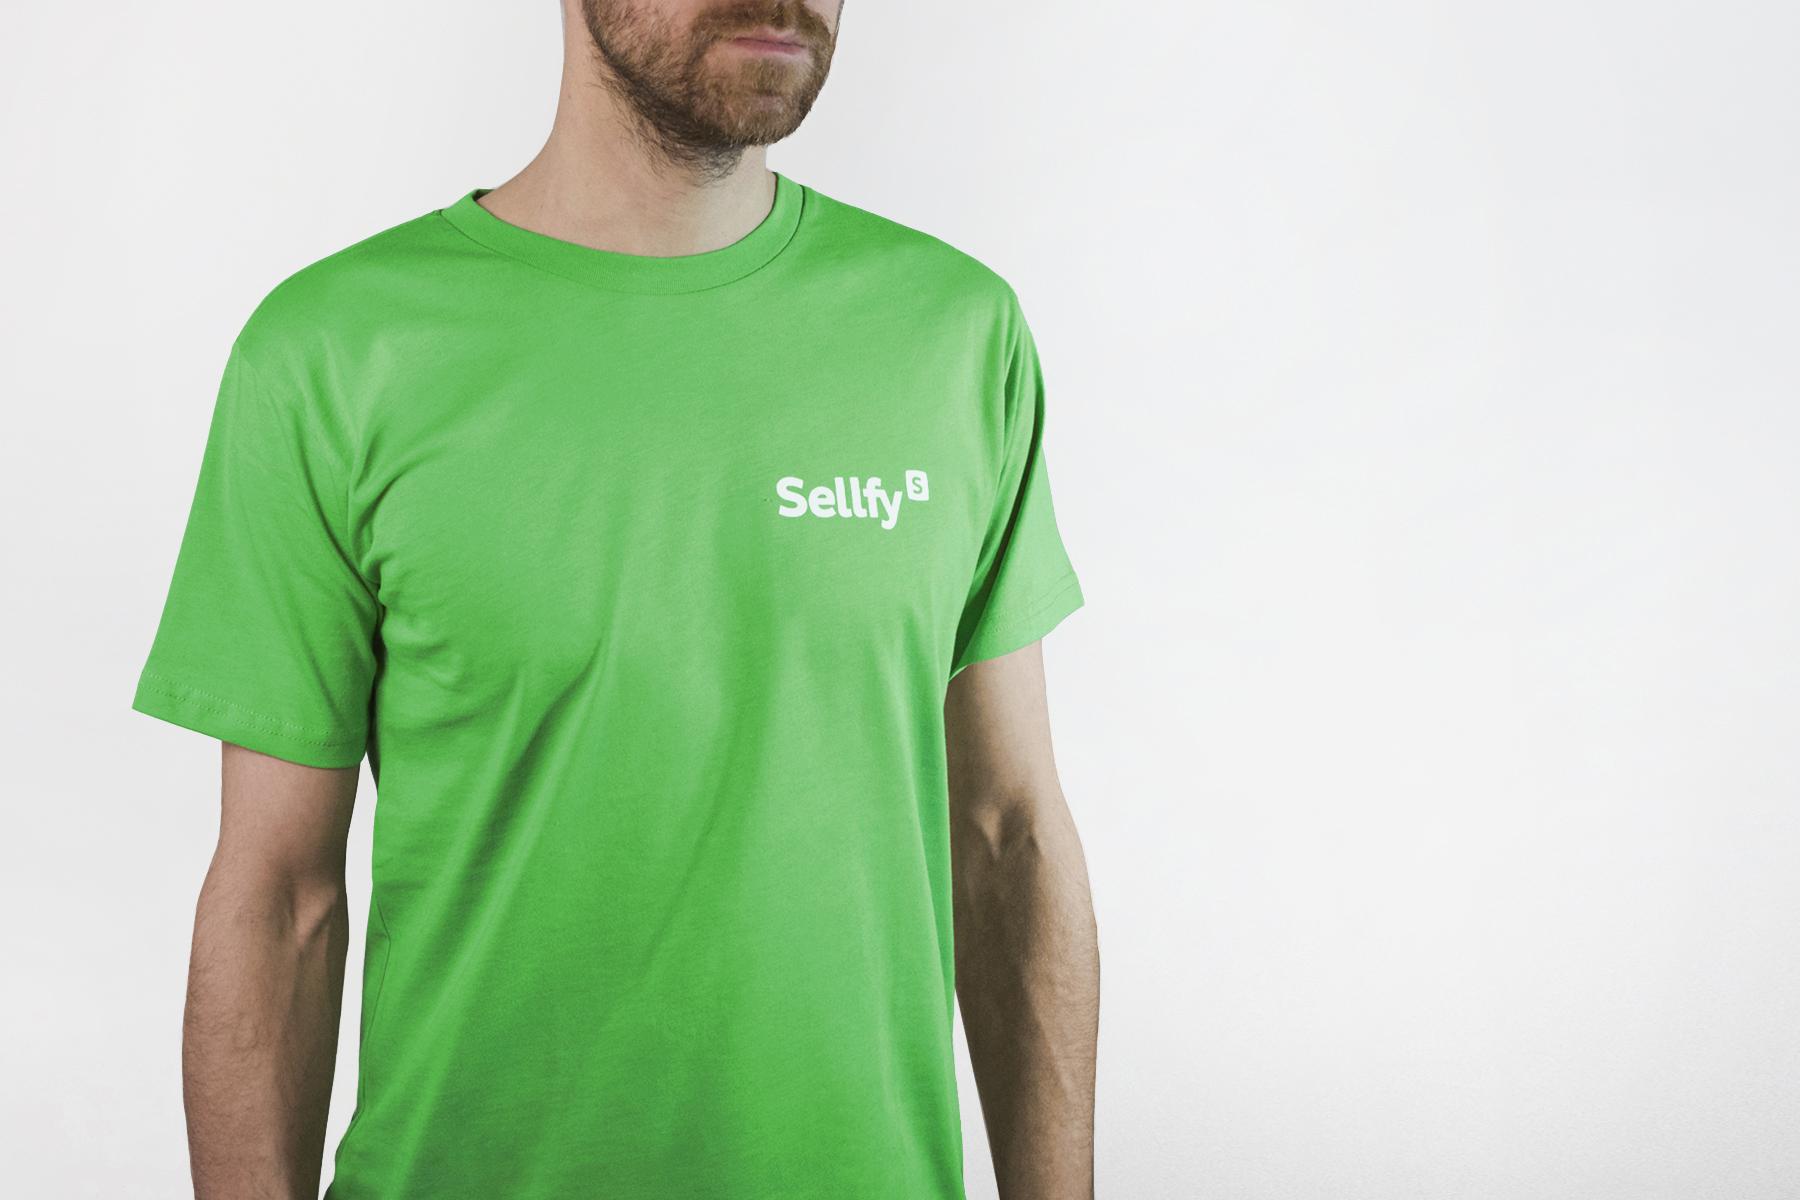 sellfy_tshirt